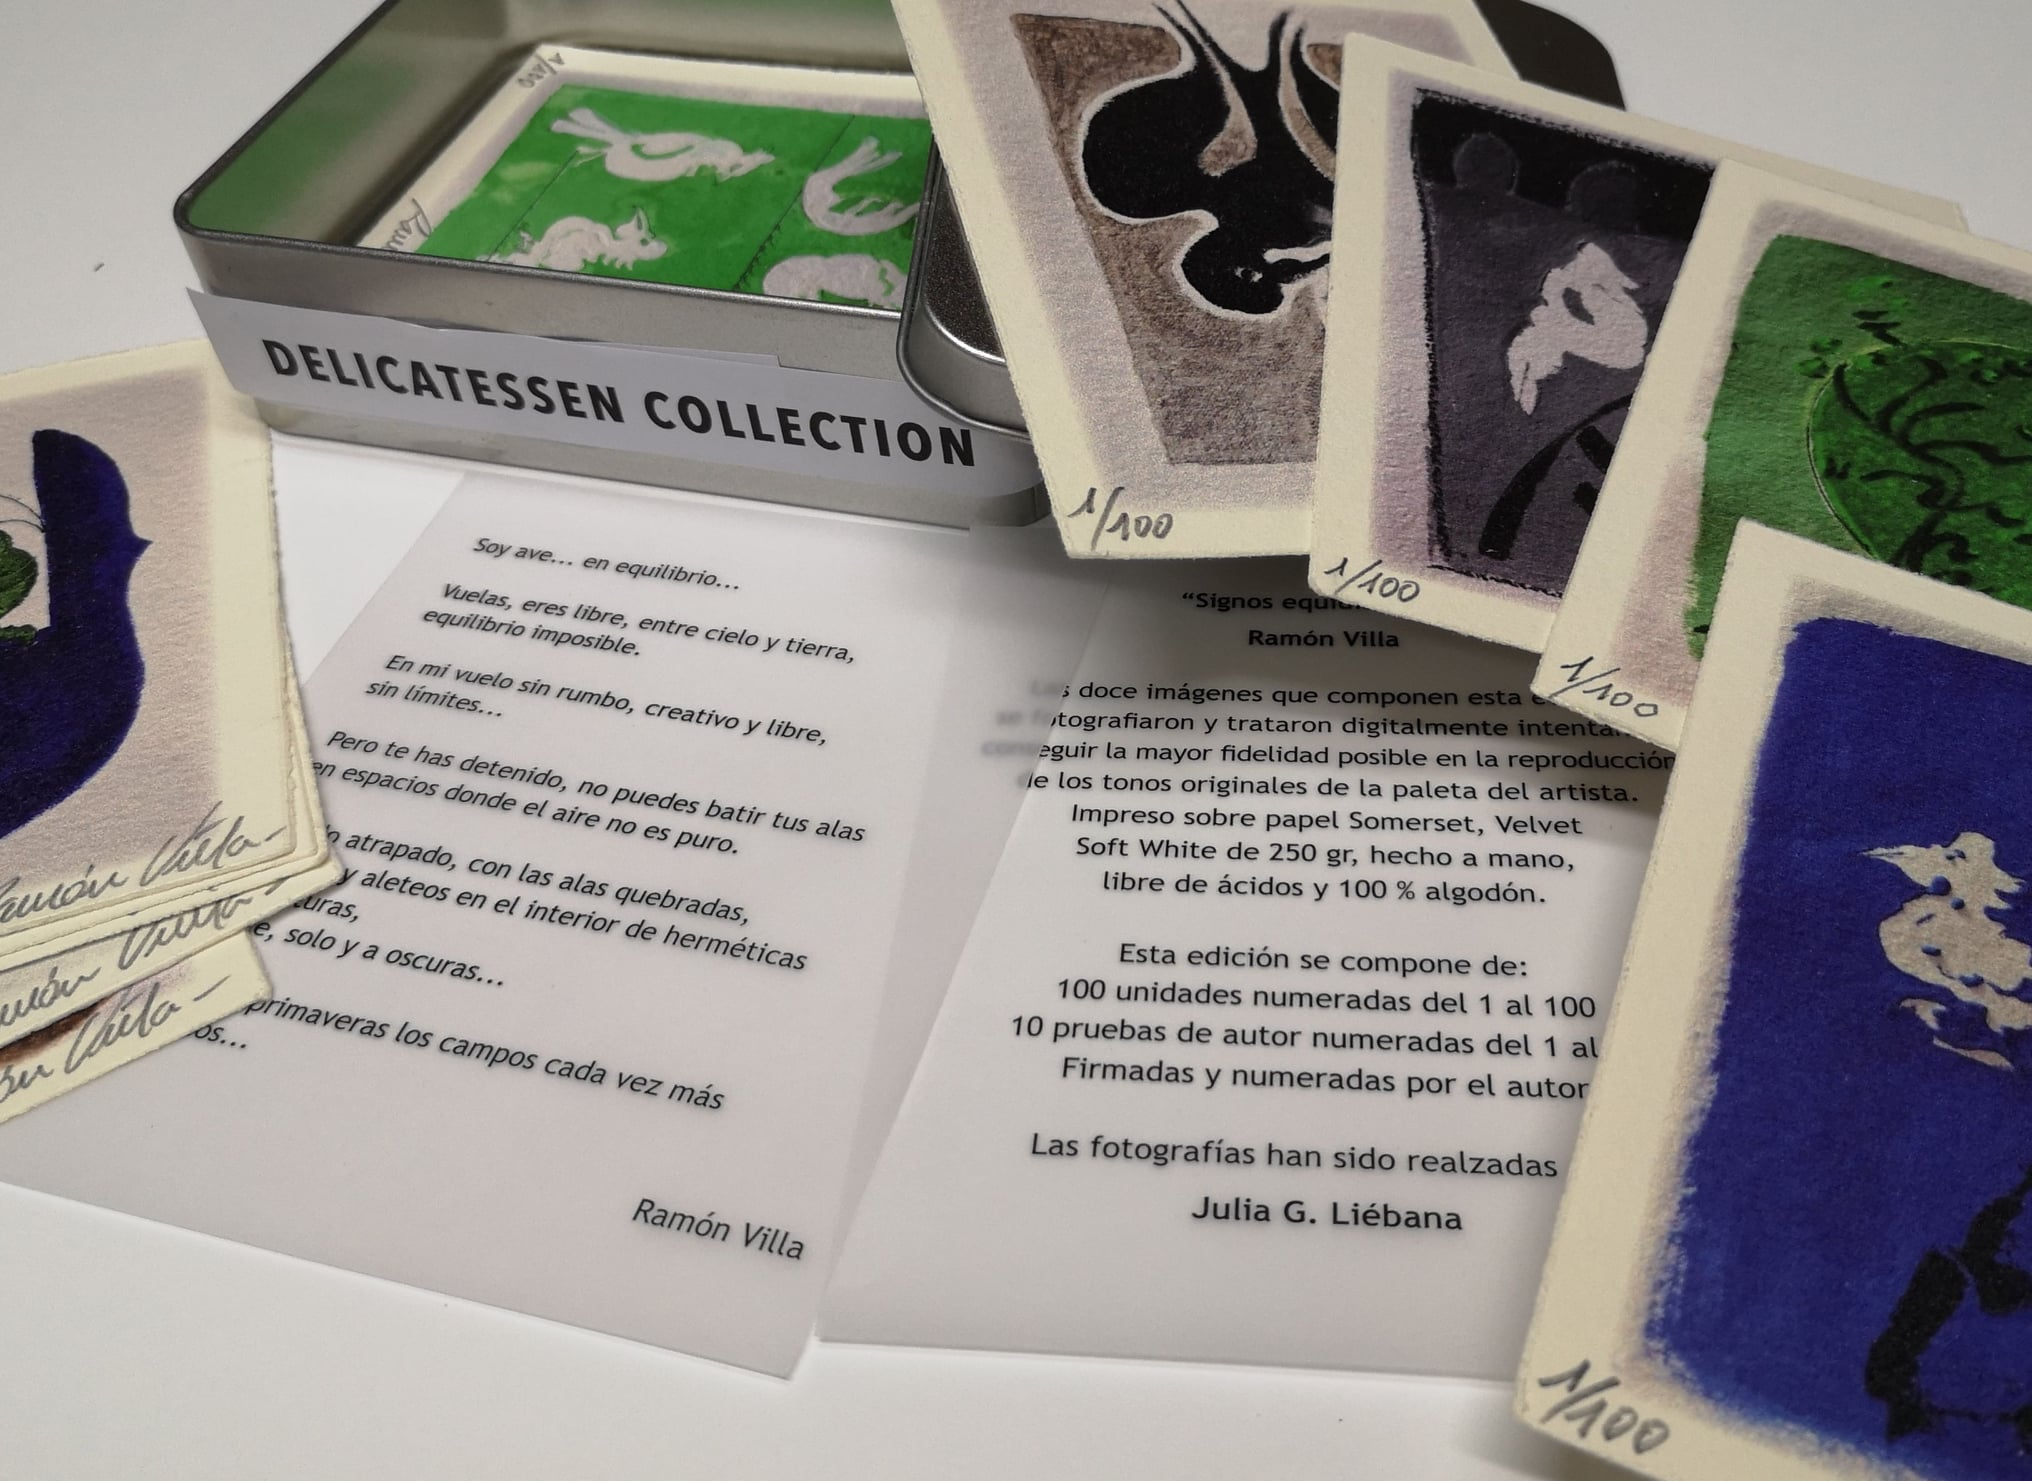 Exposición 'Retornos' de Ramón Villa en la Casa de la Cultura 1